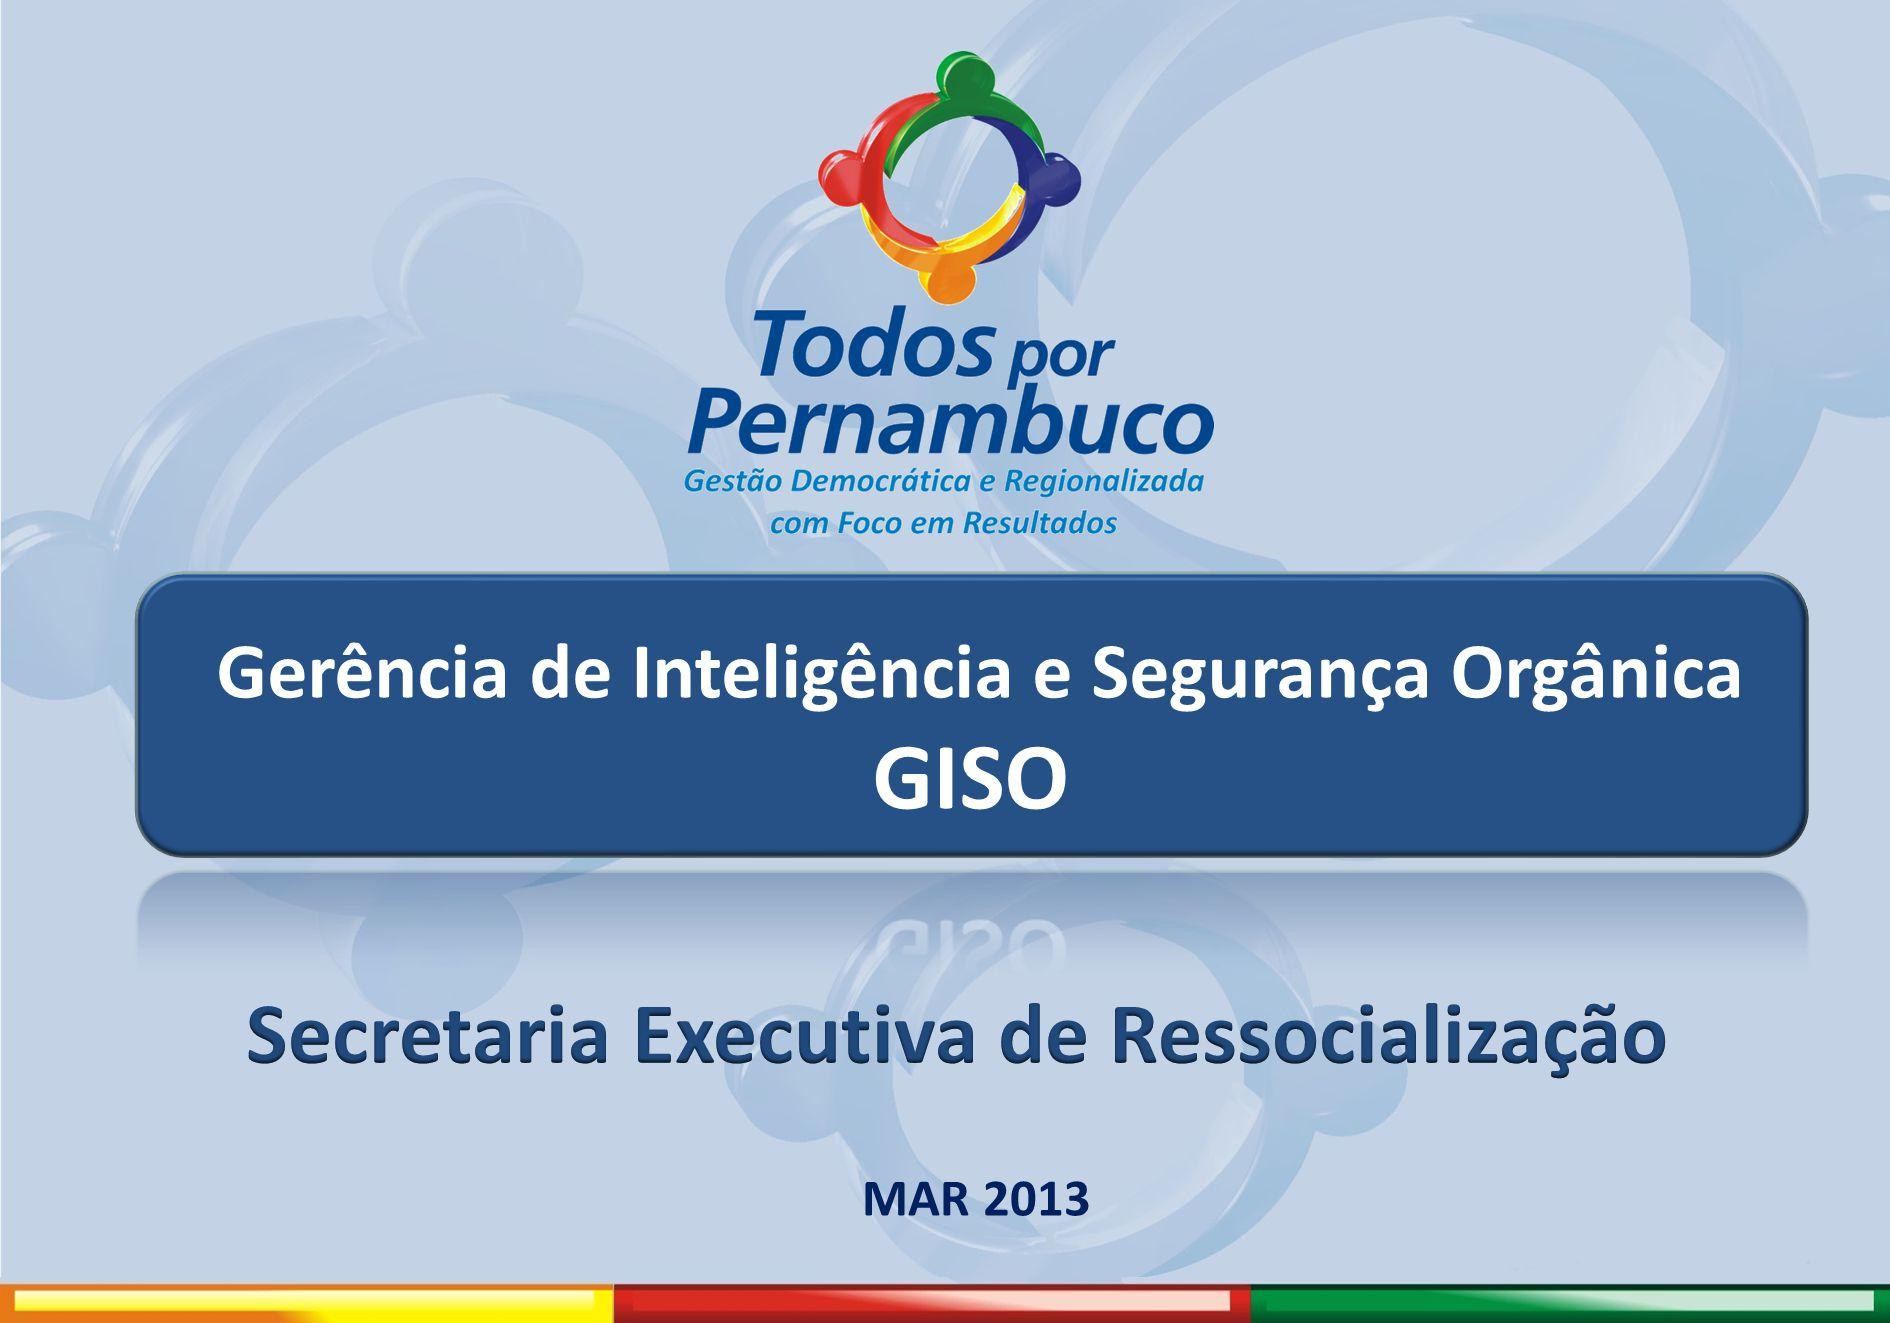 Secretaria Executiva de Ressocialização